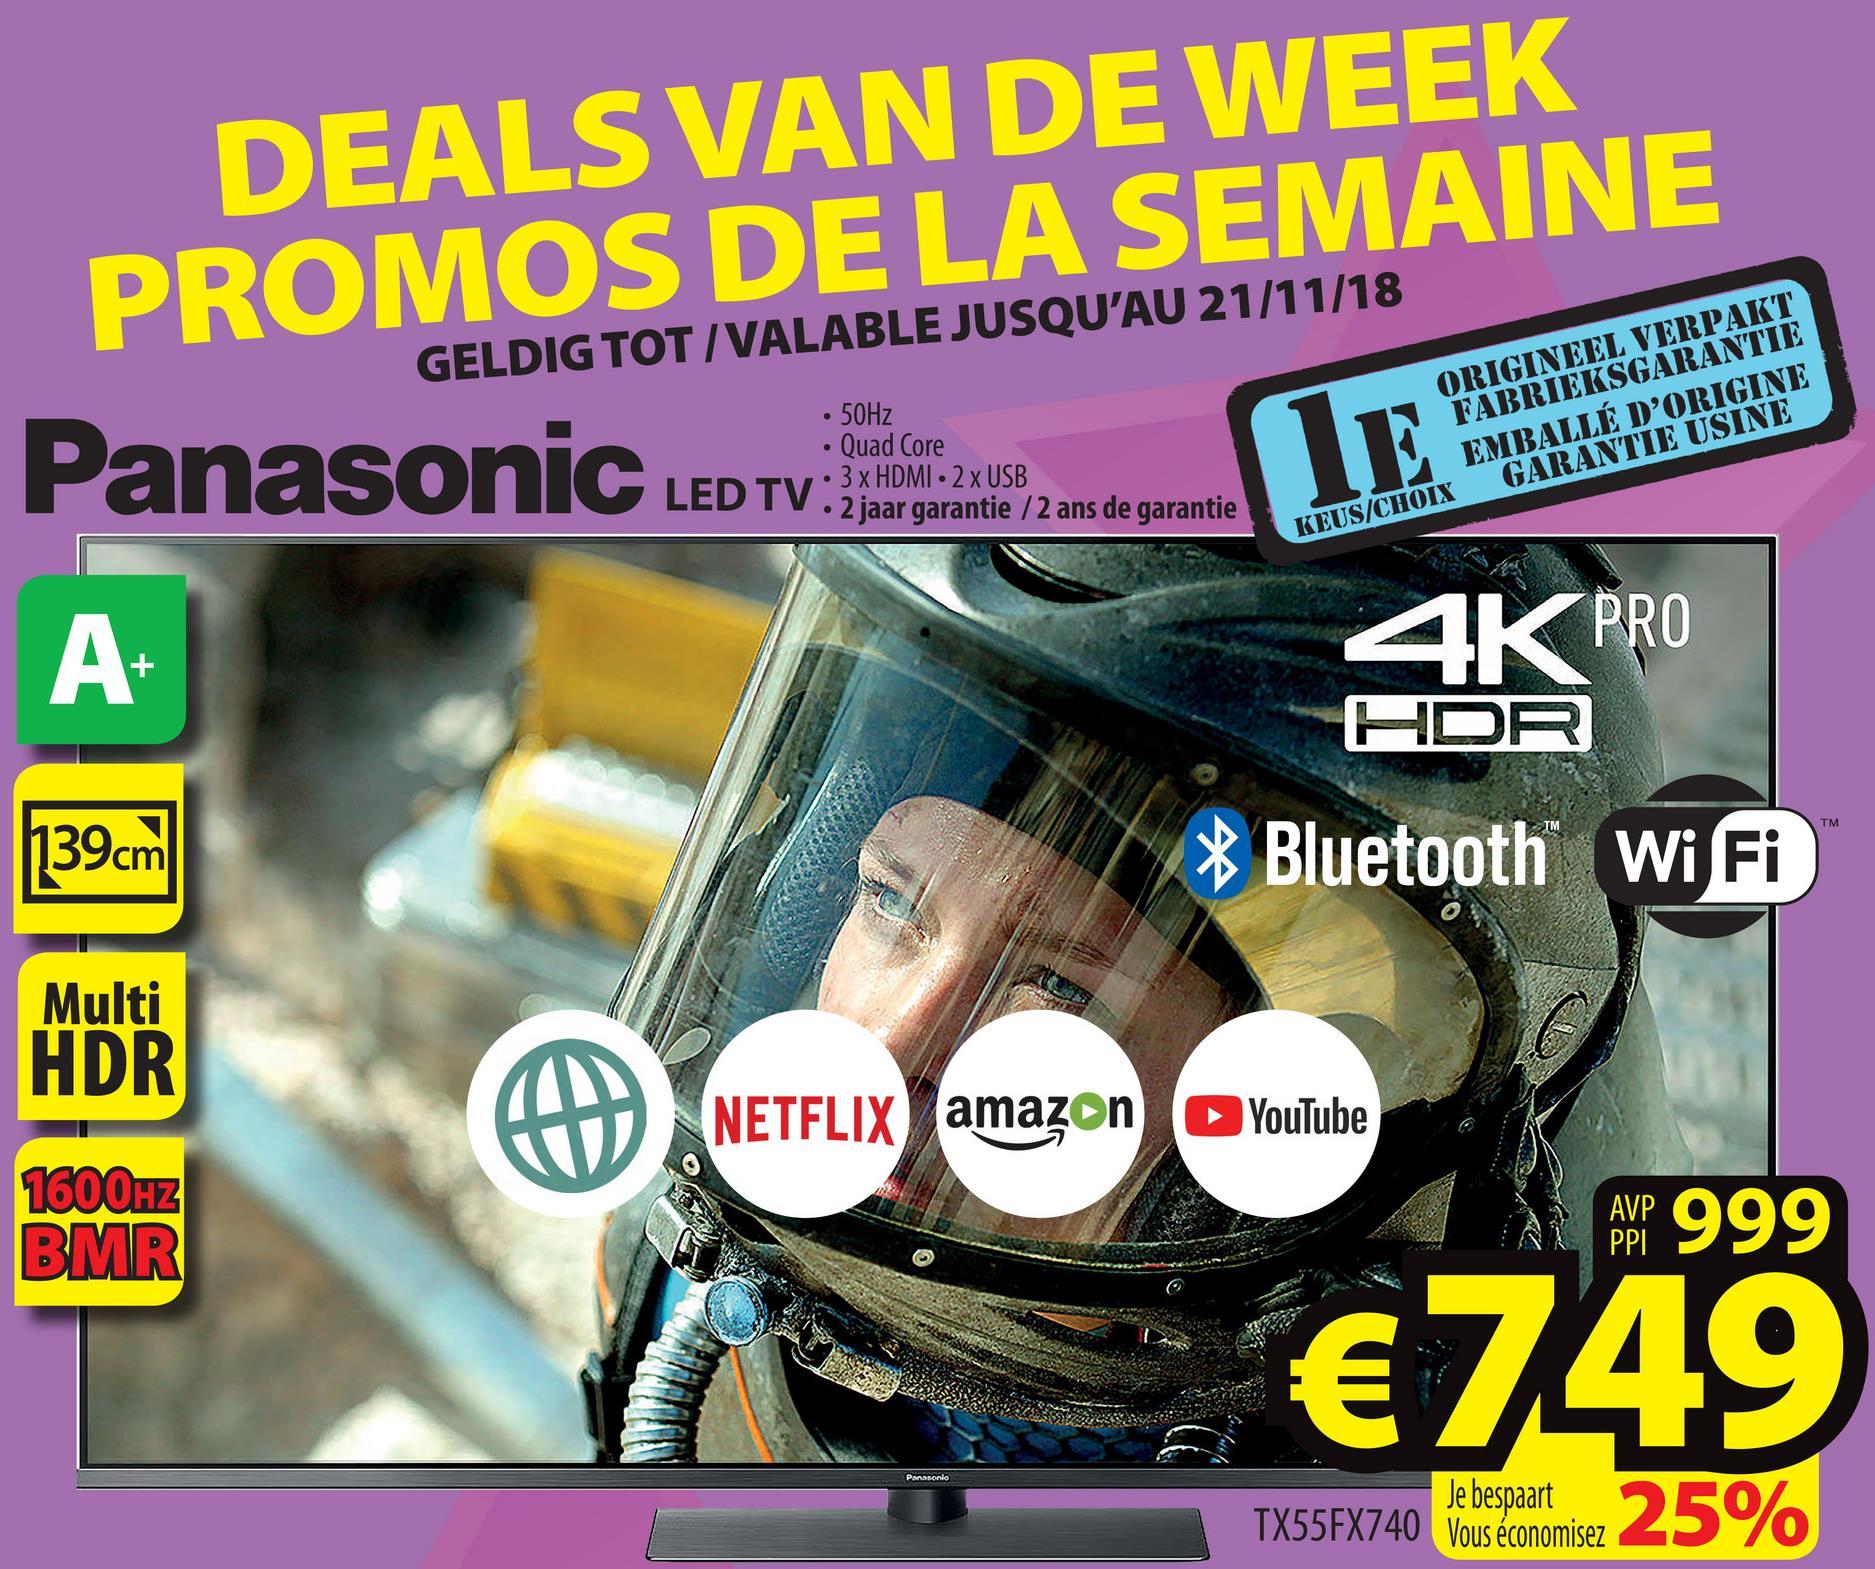 DEALS VAN DE WEEK PROMOS DE LA SEMAINE GELDIG TOT/VALABLE JUSQU'AU 21/11/18 Panasonic LED TV: xHDMI2xUSB • 50Hz • Quad Core DTV.3 x HDMI - 2 x USB TV 2 jaar garantie /2 ans de garantie ORIGINEEL VERPAKT FABRIEKSGARANTIE EMBALLÉ D'ORIGINE KEUS/CHOIX GARANTIE USINE A 1K PRO HDR TM 139cm * Bluetooth WiFi Multi HDR NETFLIX amazon YouTube 1000HZ BMR RAP 999 €749 Passonio TX55FX740 let prise 25% TX55FX740 Je bespaart Vous économisez